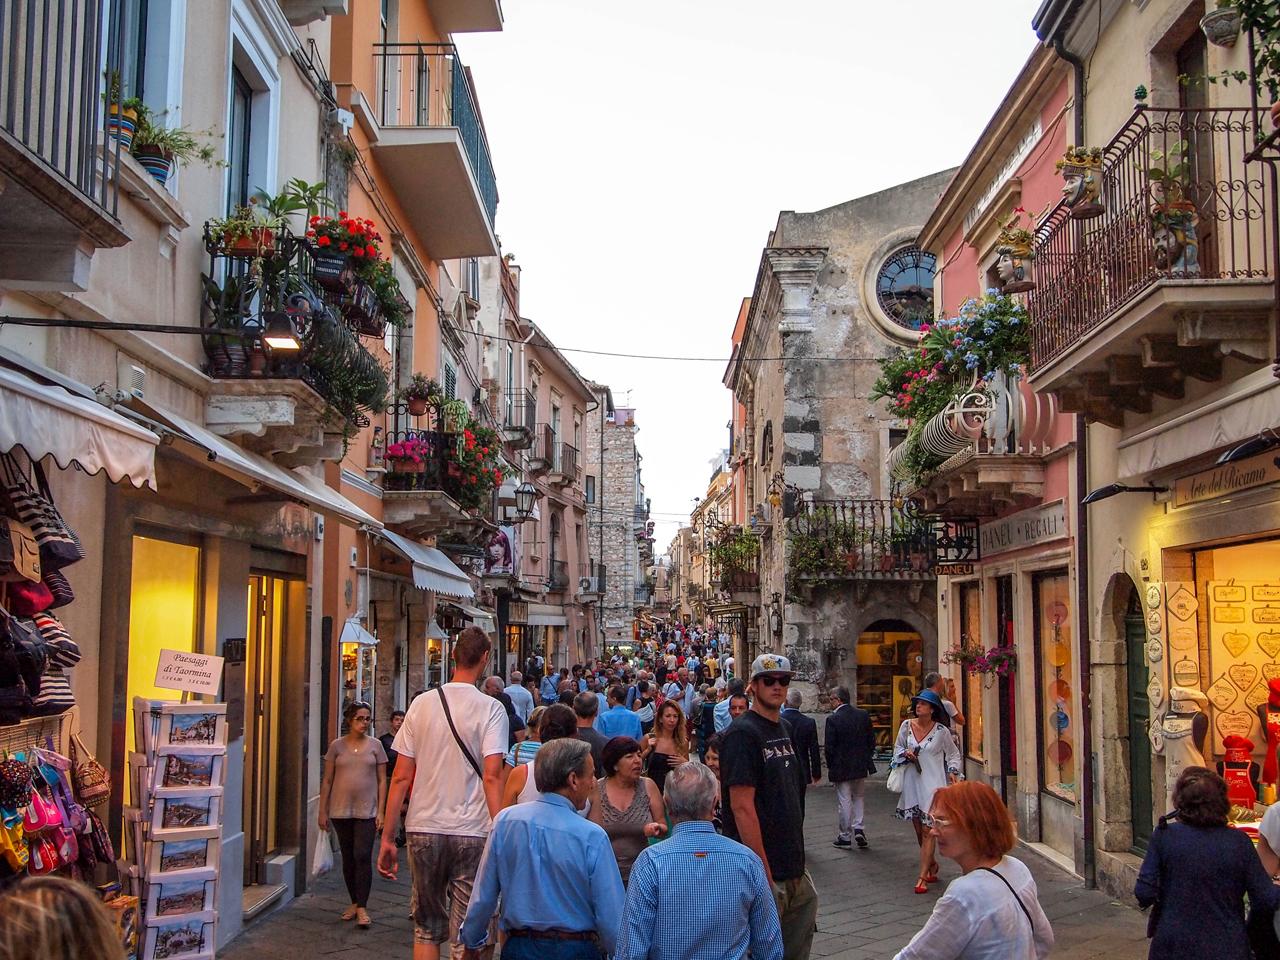 Evening paseggiata in Taormina